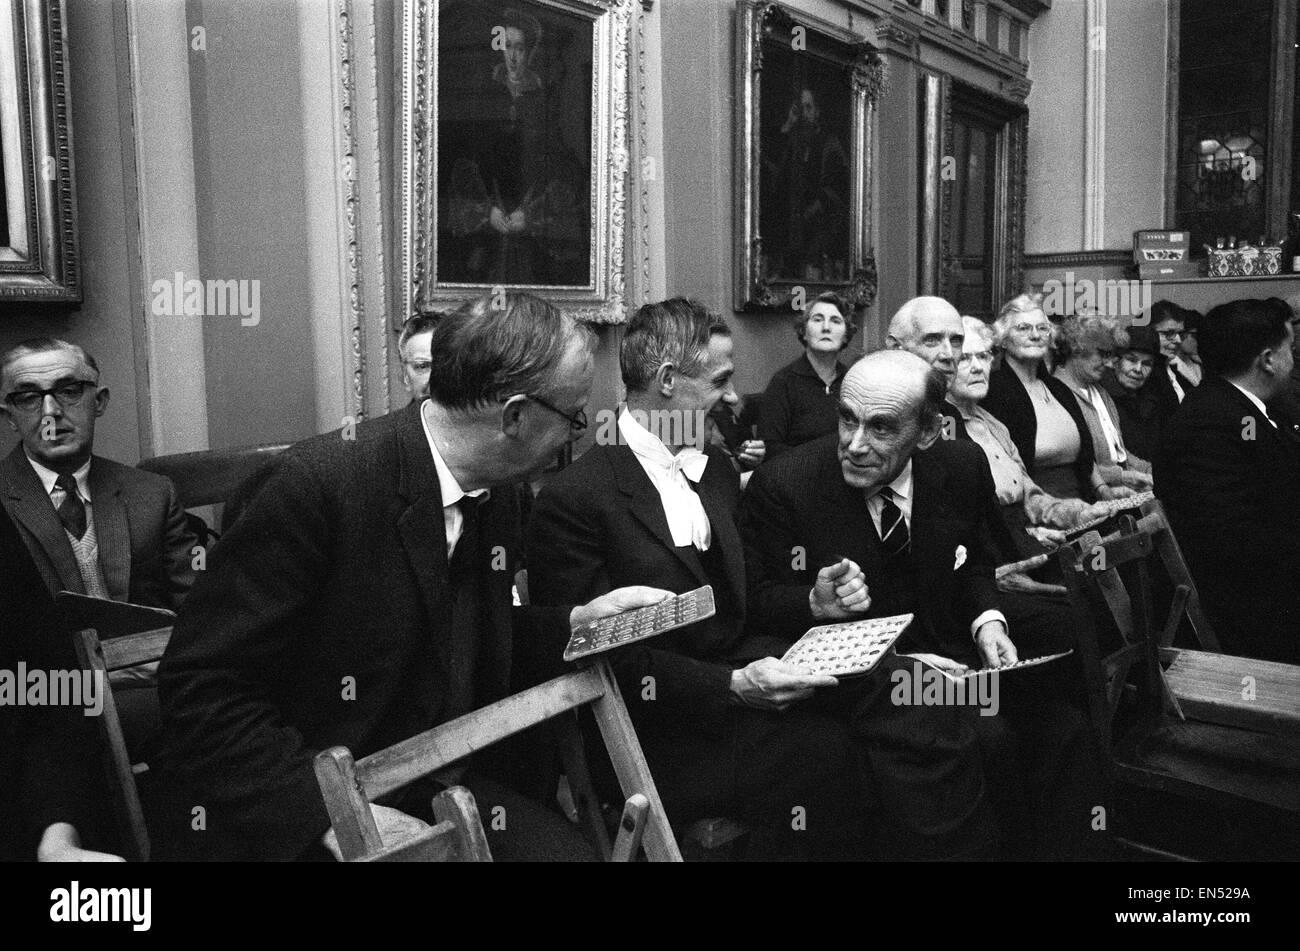 A. L. P. Norrington, Président, Trinity College d'Oxford, le 14 décembre 1966. Arthur Lionel Pugh Photo Stock